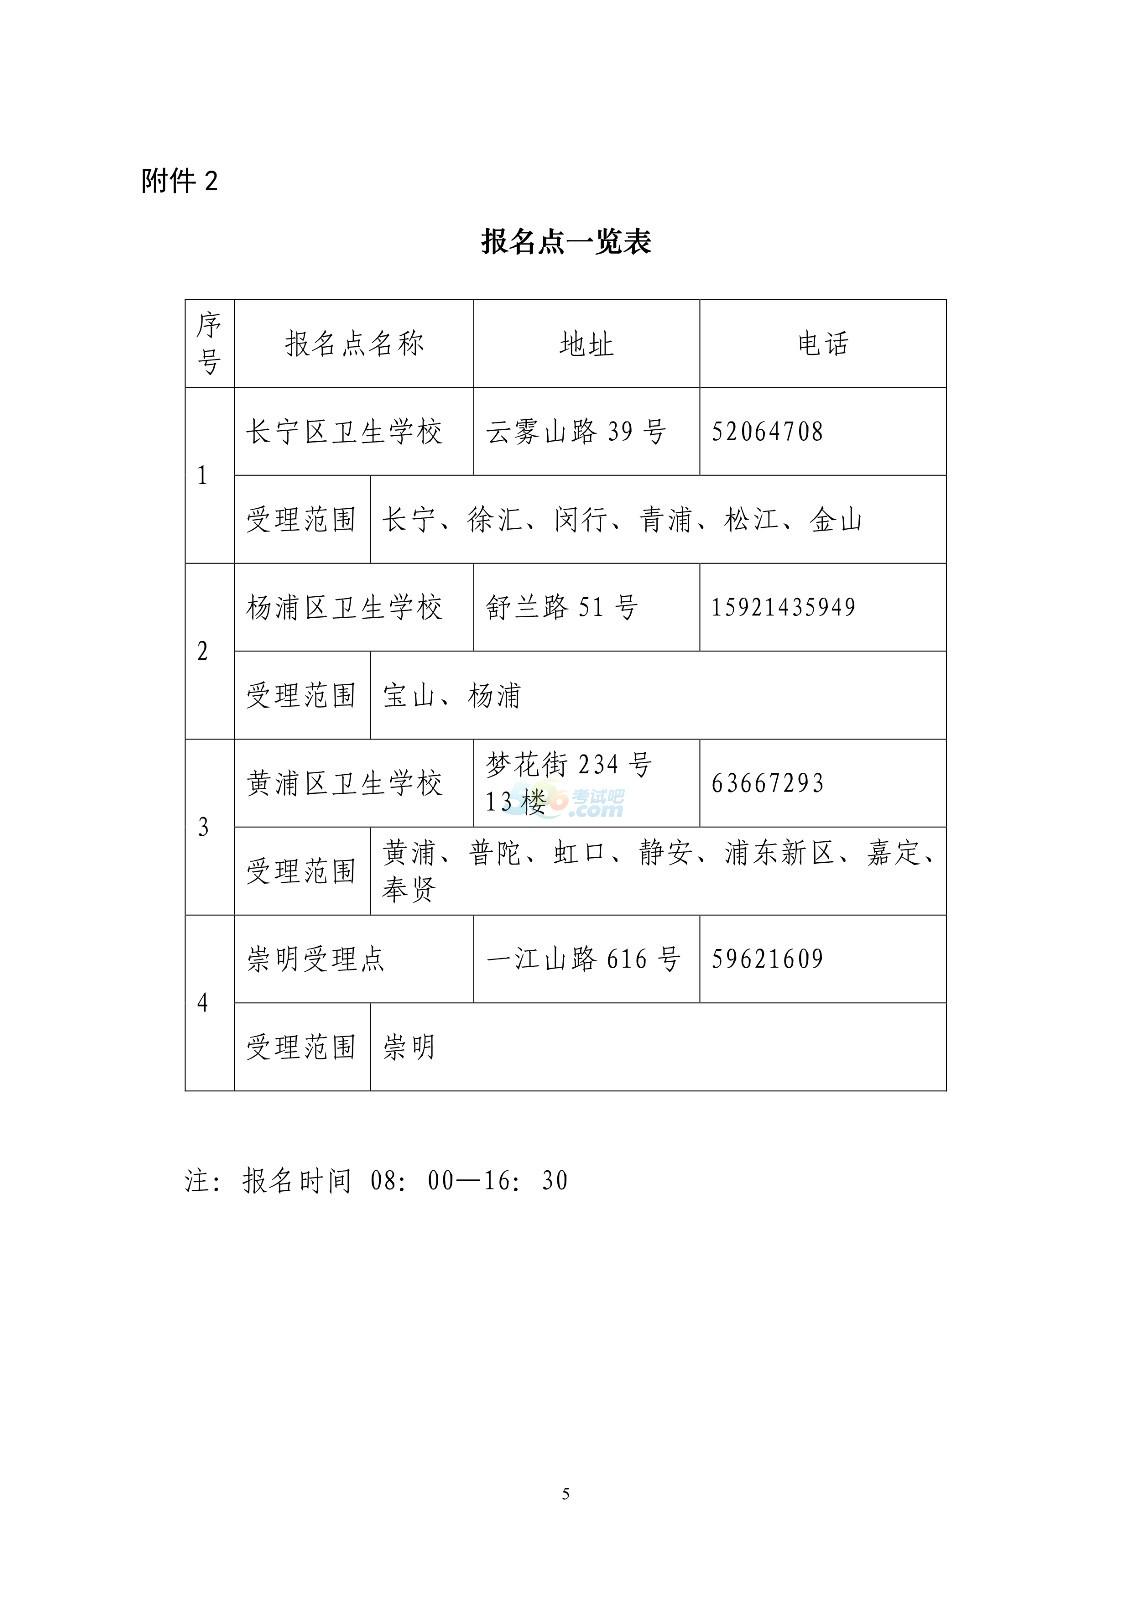 2017年上海护士执业资格考试成绩查询时间-执业护士-考试吧